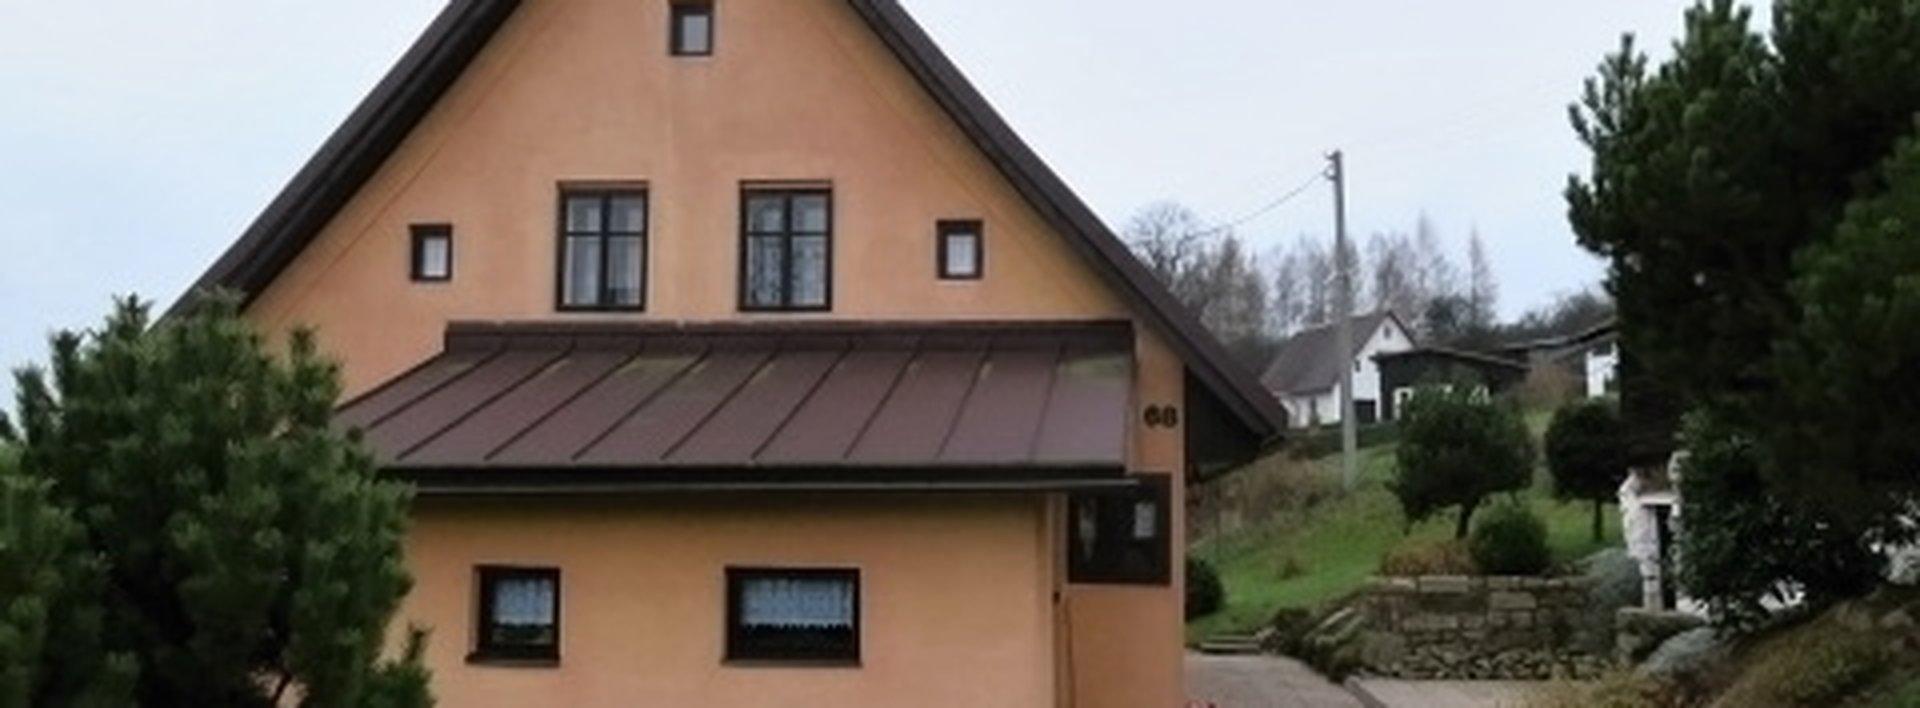 Rodinný dům s rozlehlou zahradou, Ev.č.: N46981